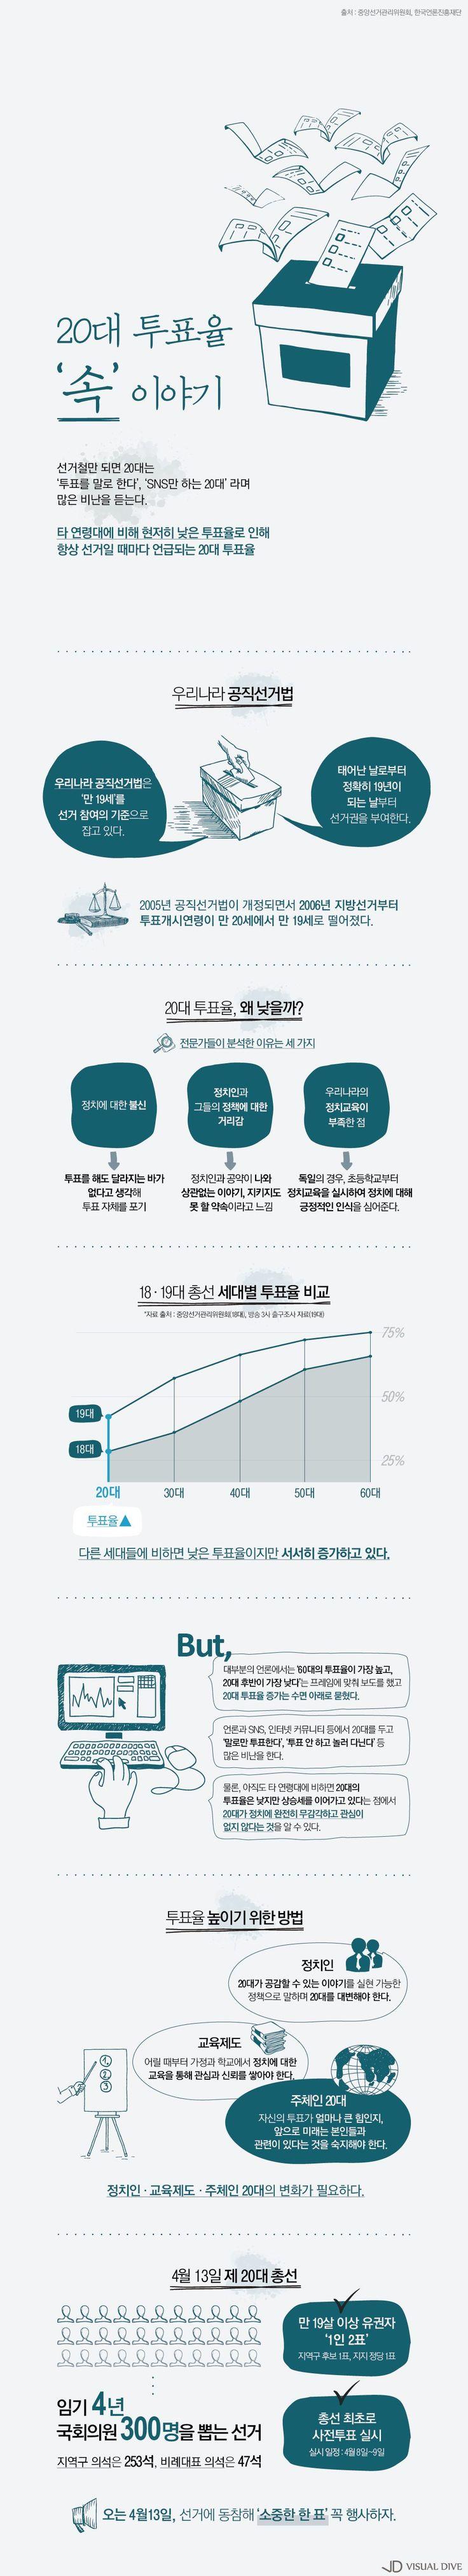 '4·13총선 D-2'…20대 투표율 '속' 이야기 [인포그래픽] #vote / #Infographic ⓒ 비주얼다이브 무단 복사·전재·재배포 금지